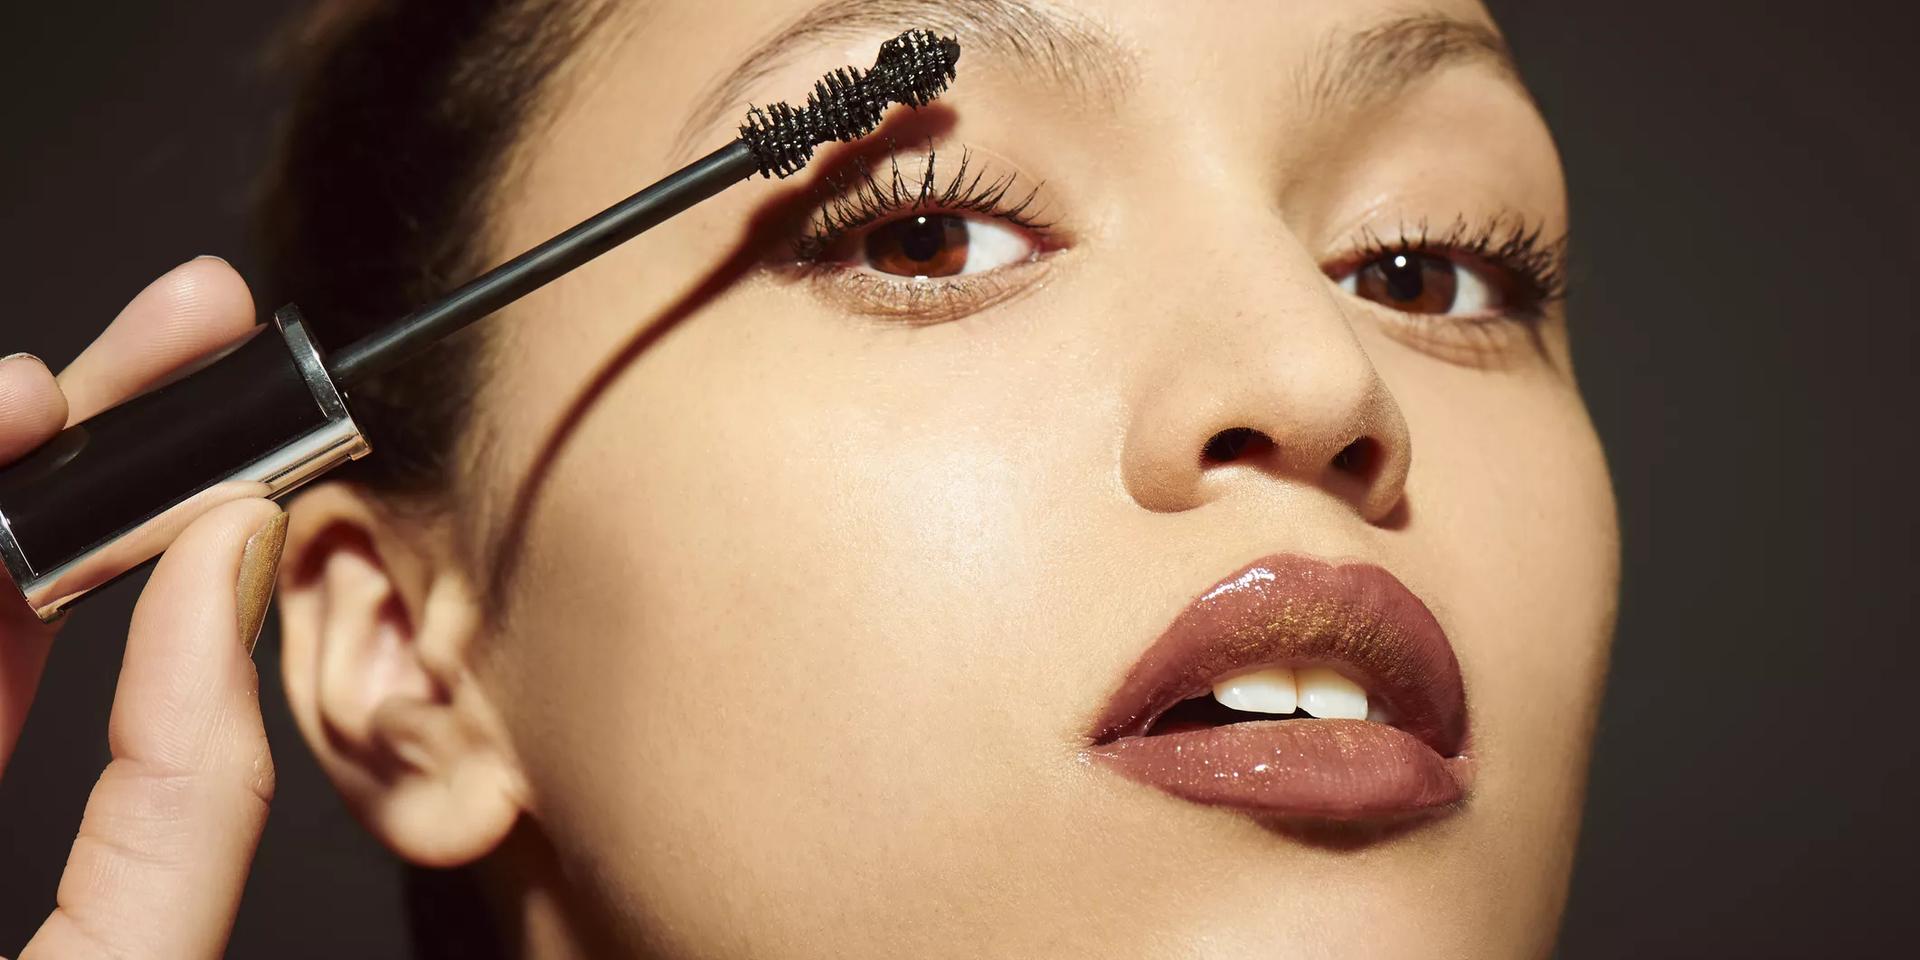 How to apply mascara like a pro